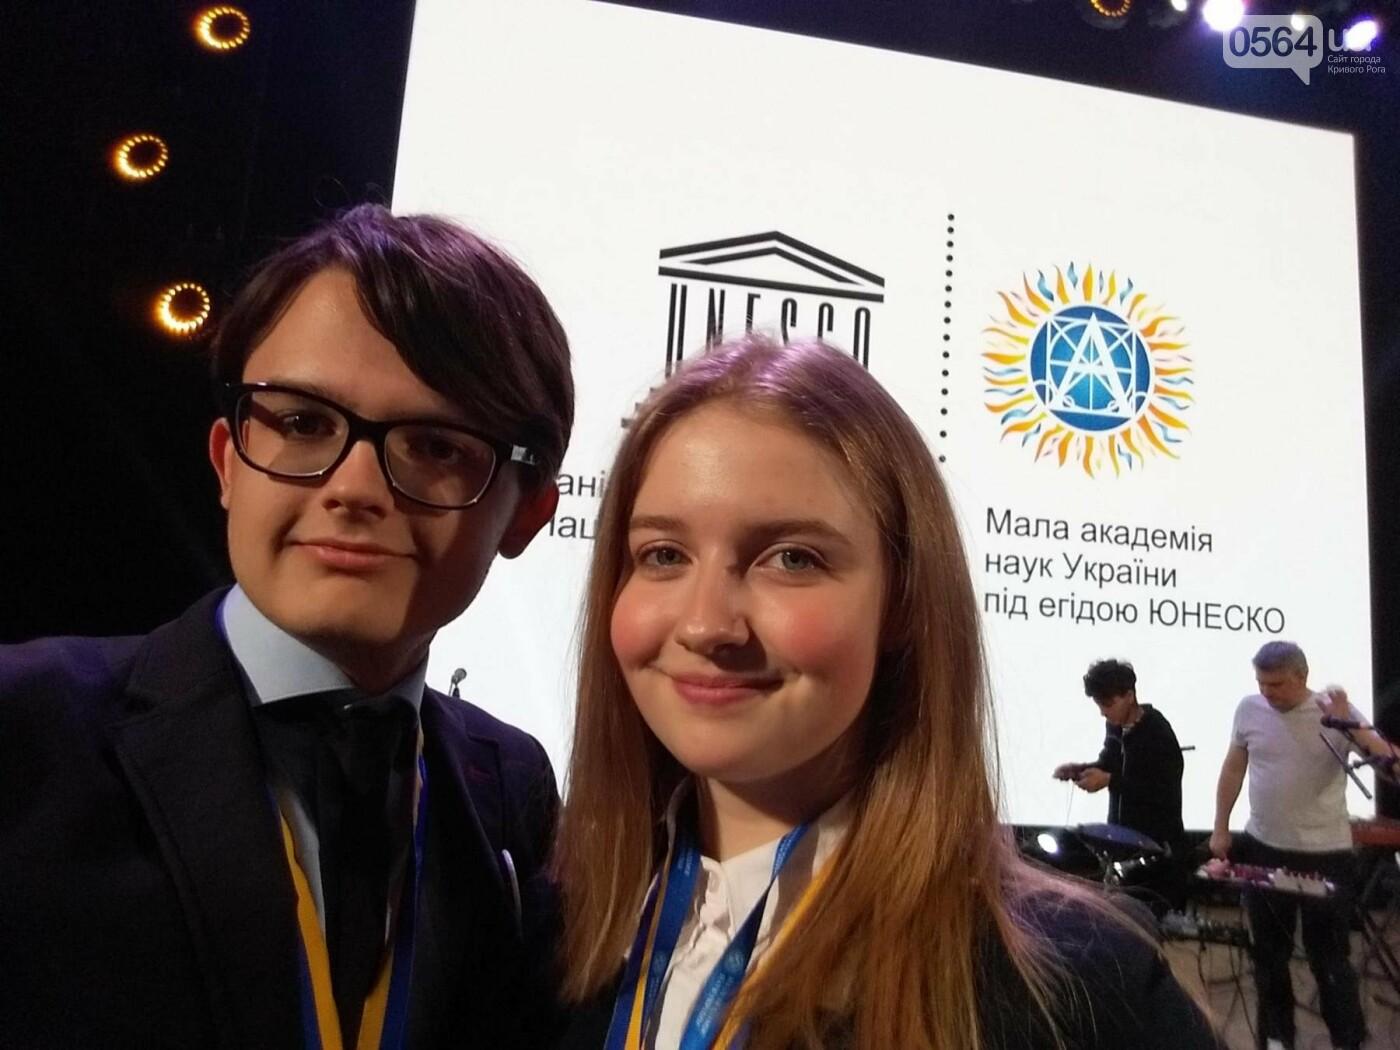 Двое криворожских старшеклассников получили золотые медали Всеукраинского конкурса МАН, фото-1